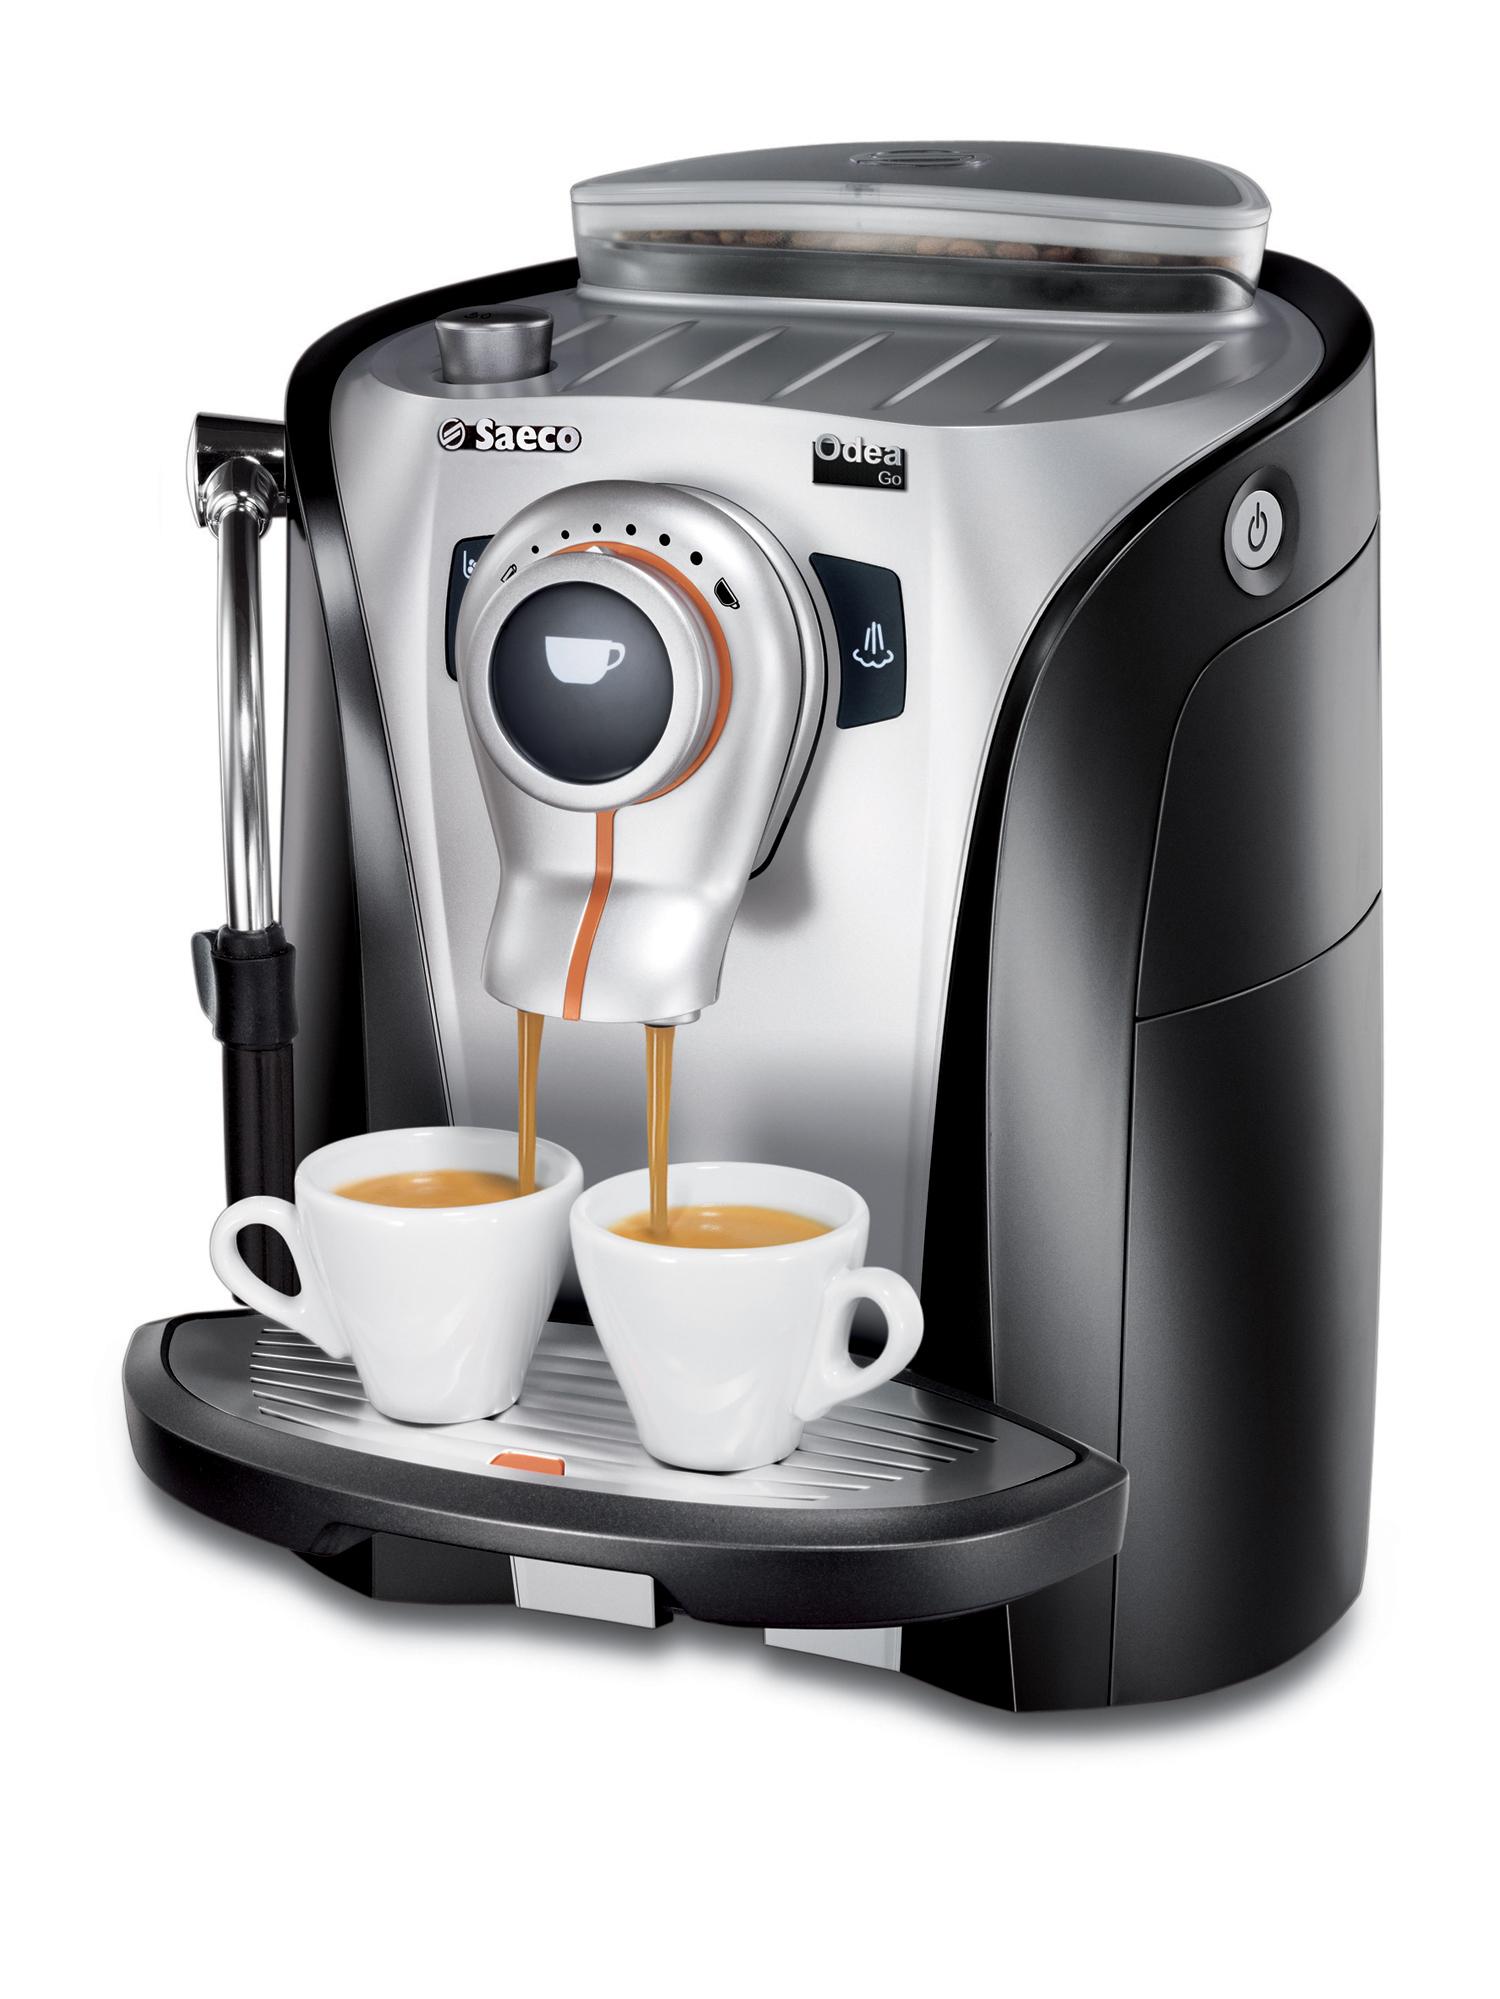 Philips Saeco Odea Go Macchina per espresso 1.5L 2tazze Nero, Argento